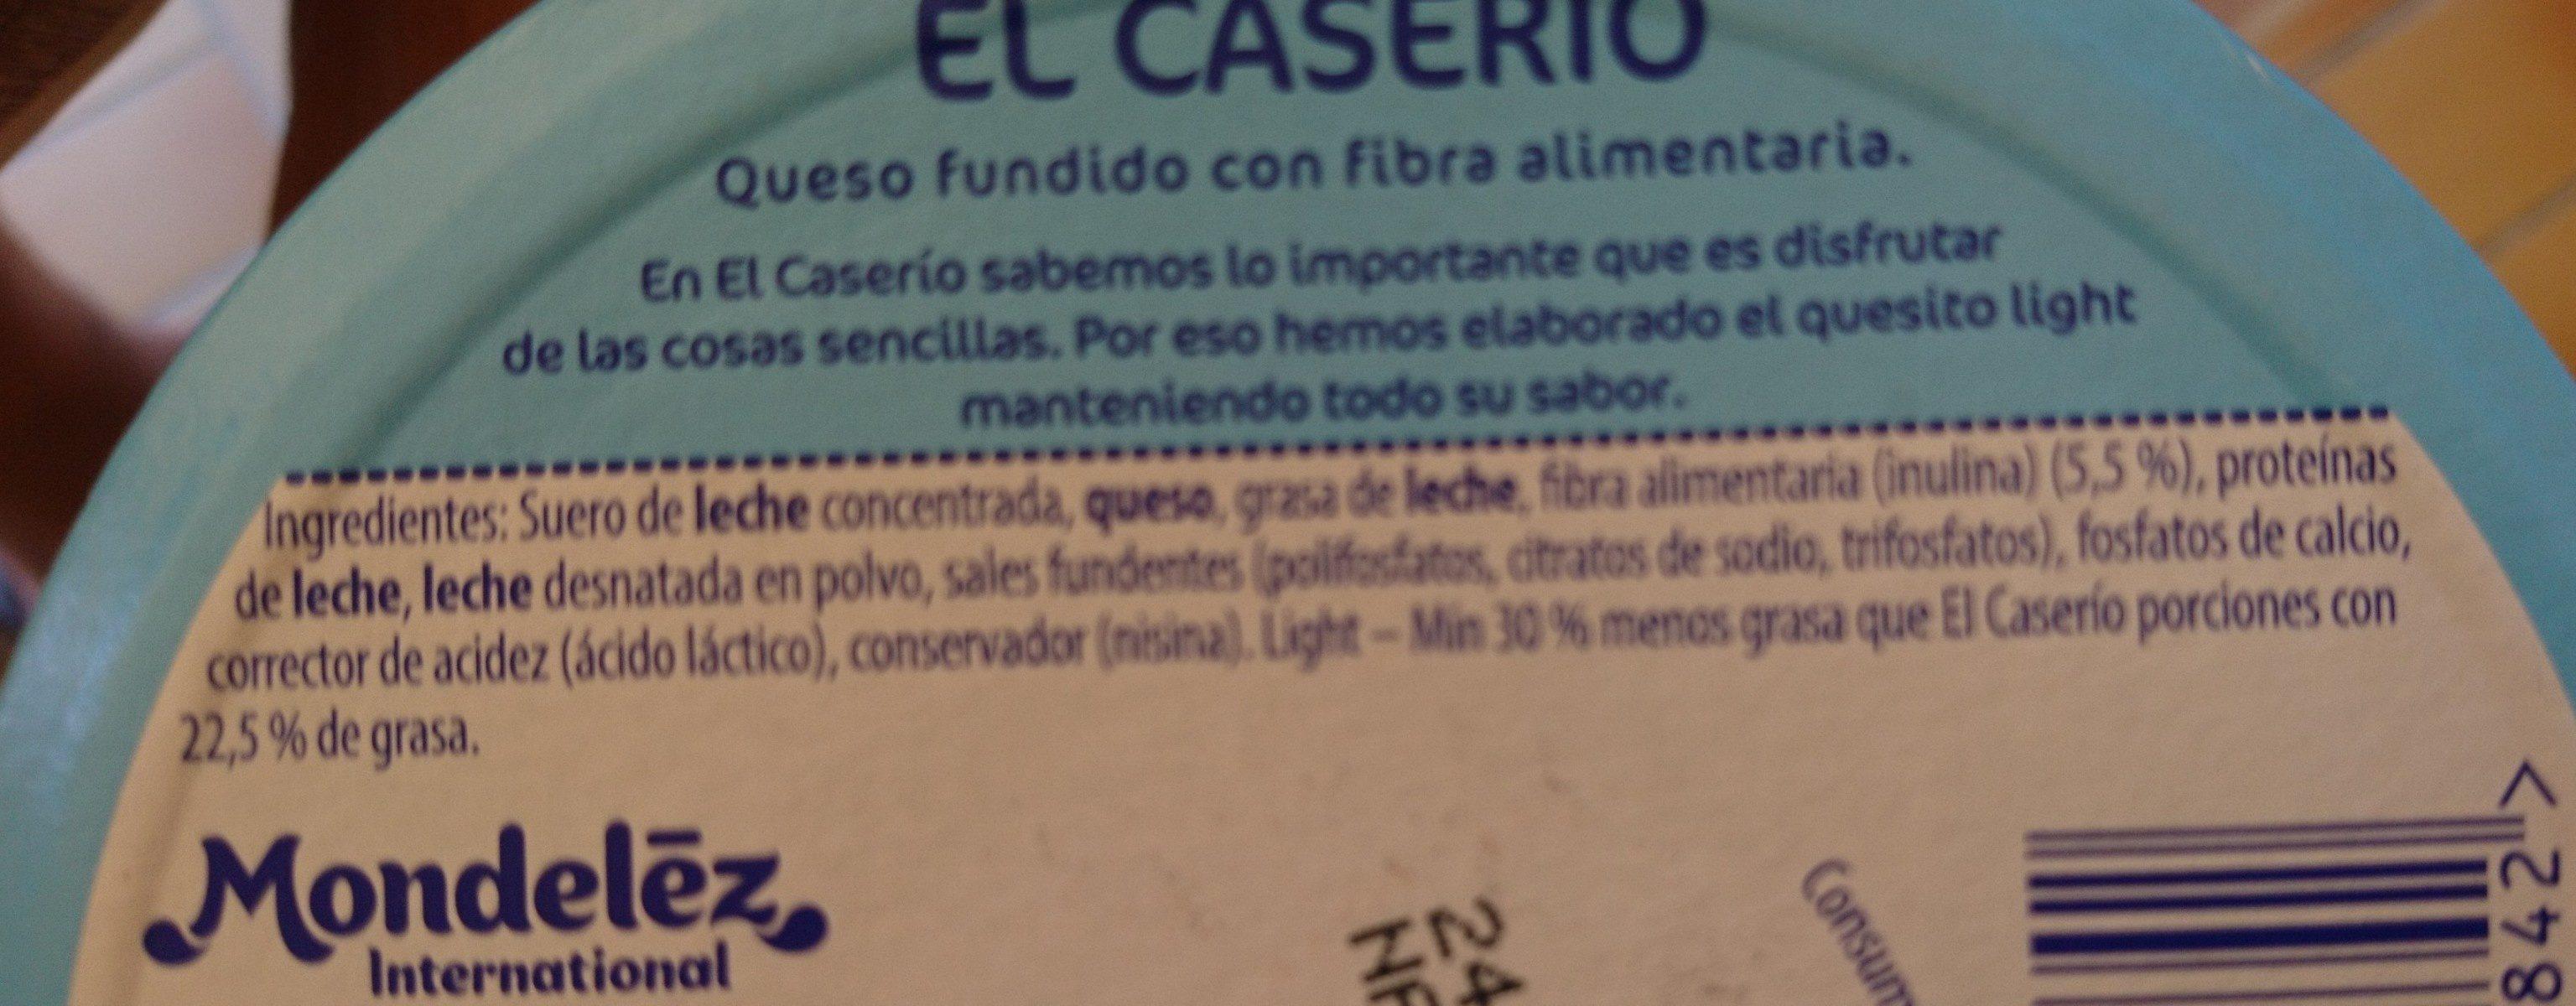 El caserio light - Ingredientes - es